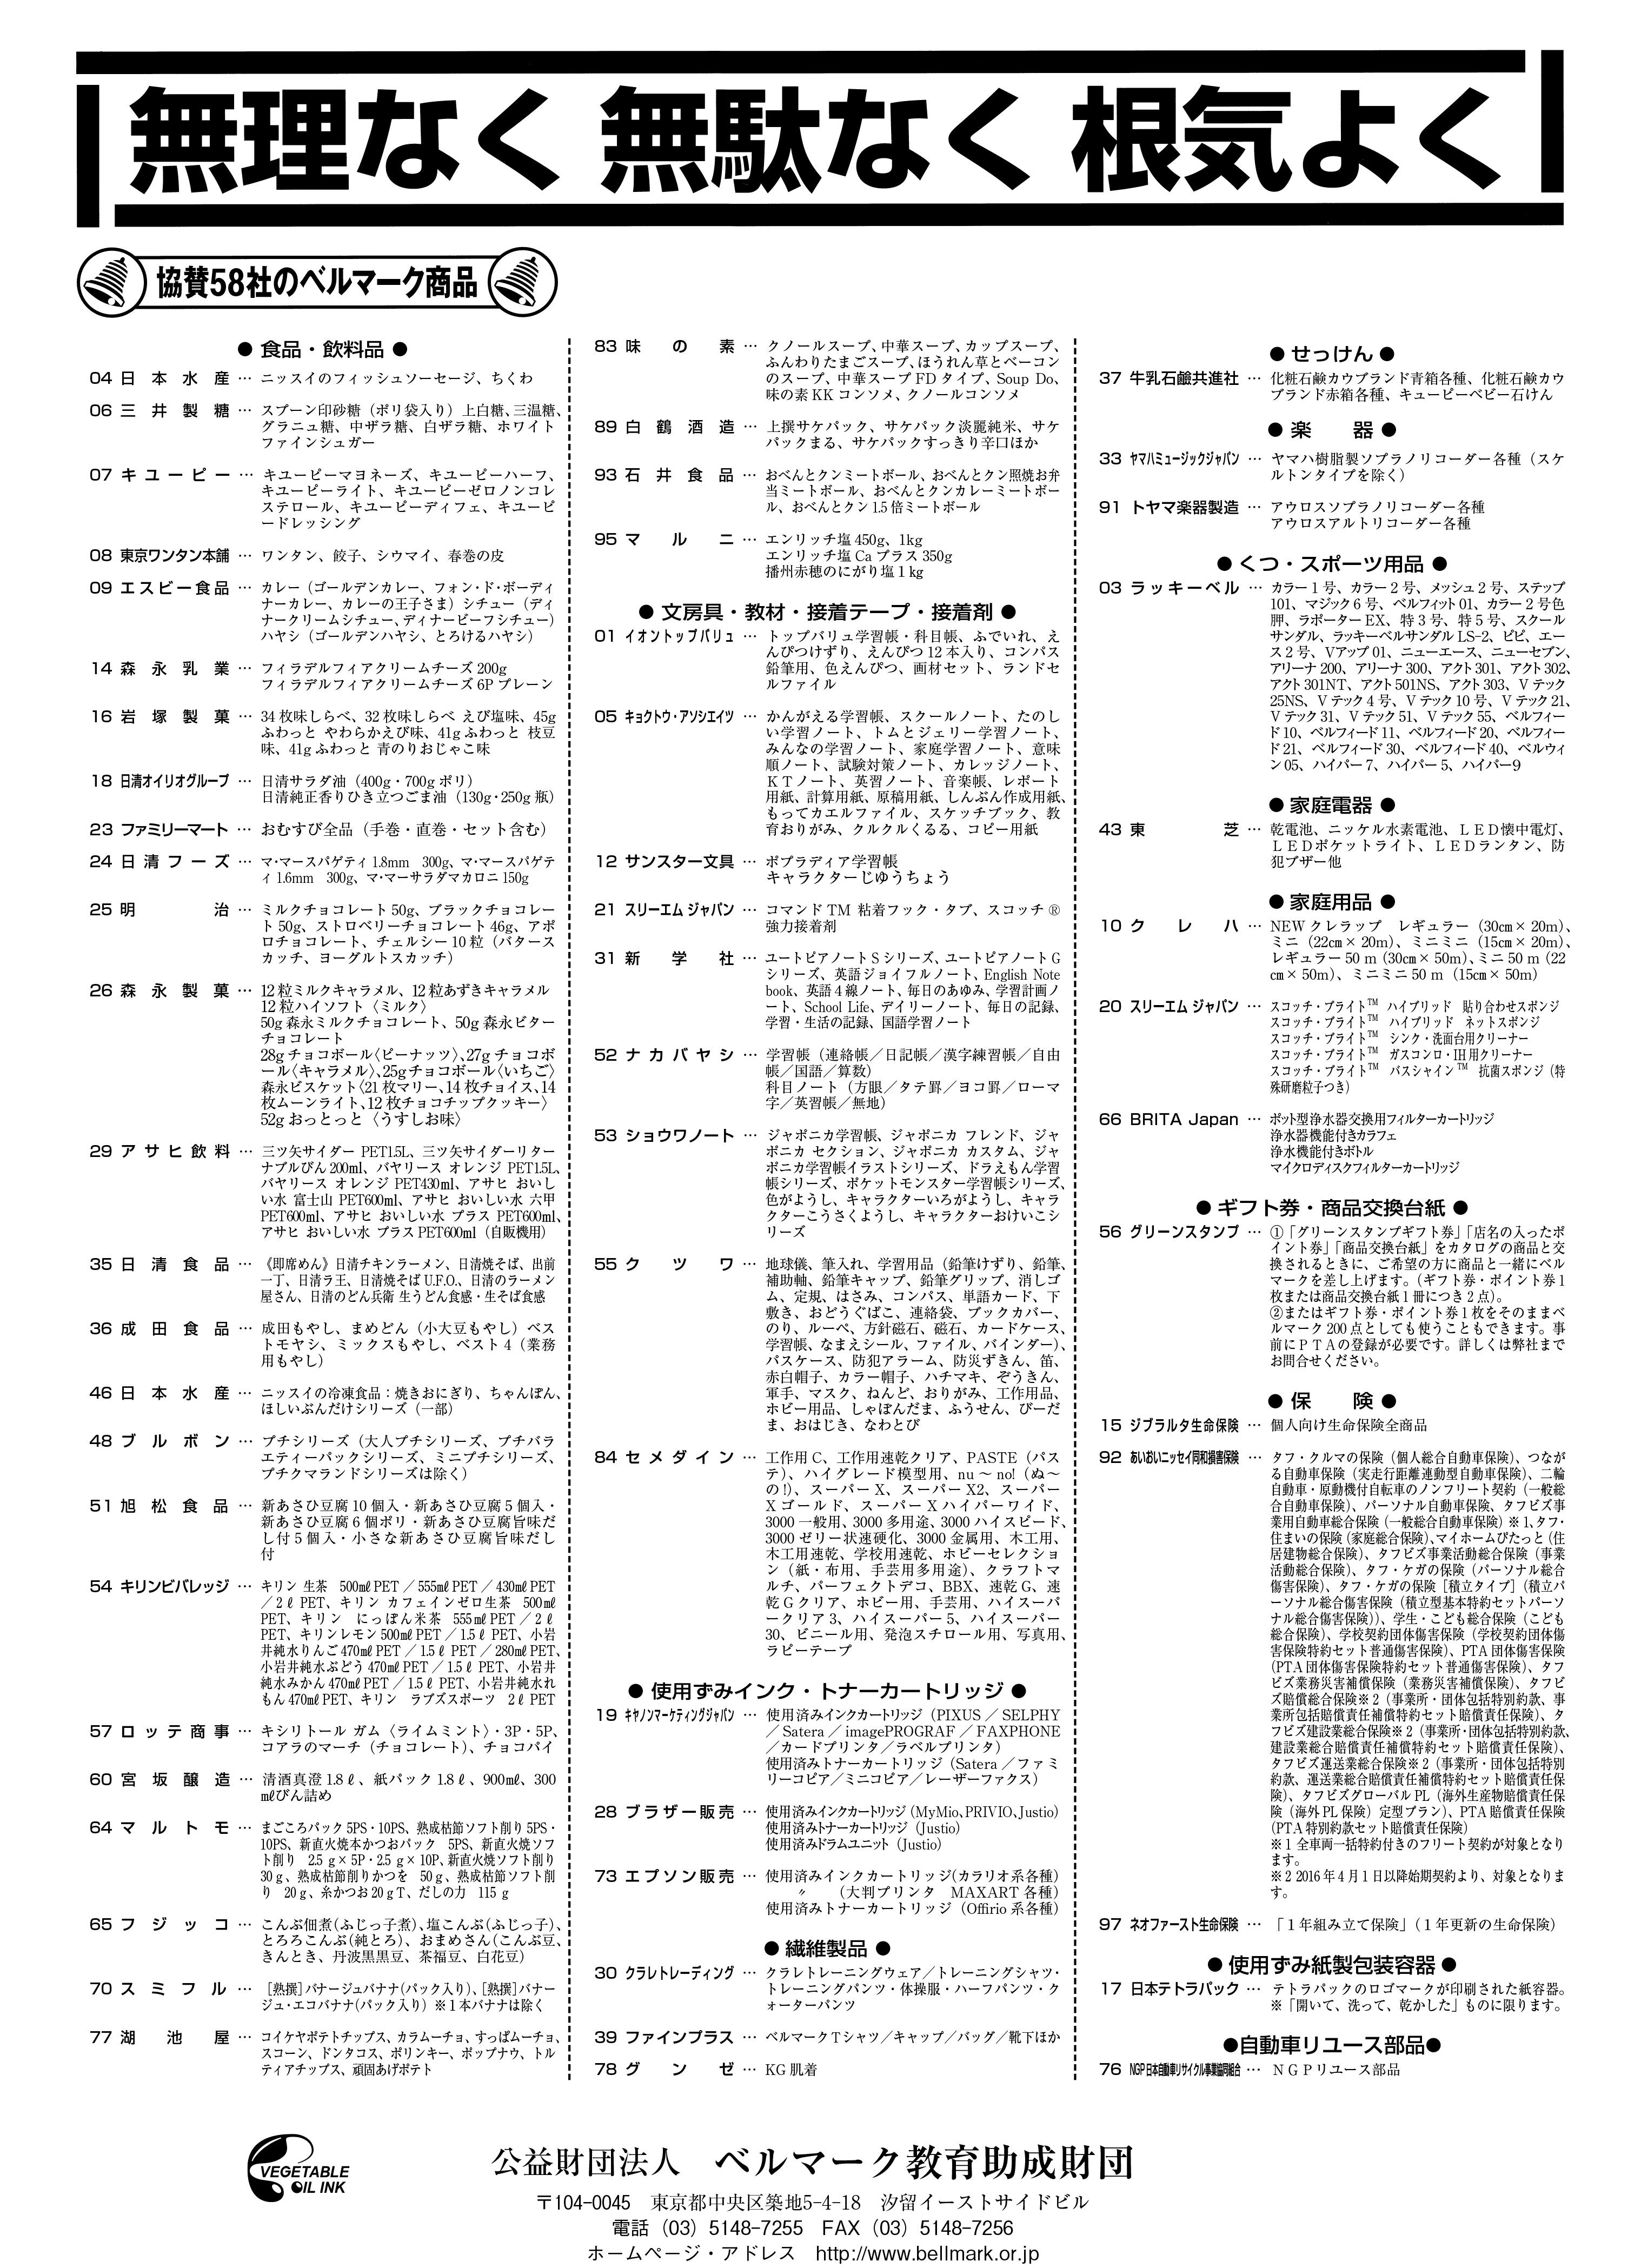 ベルマーク一覧表(裏面)